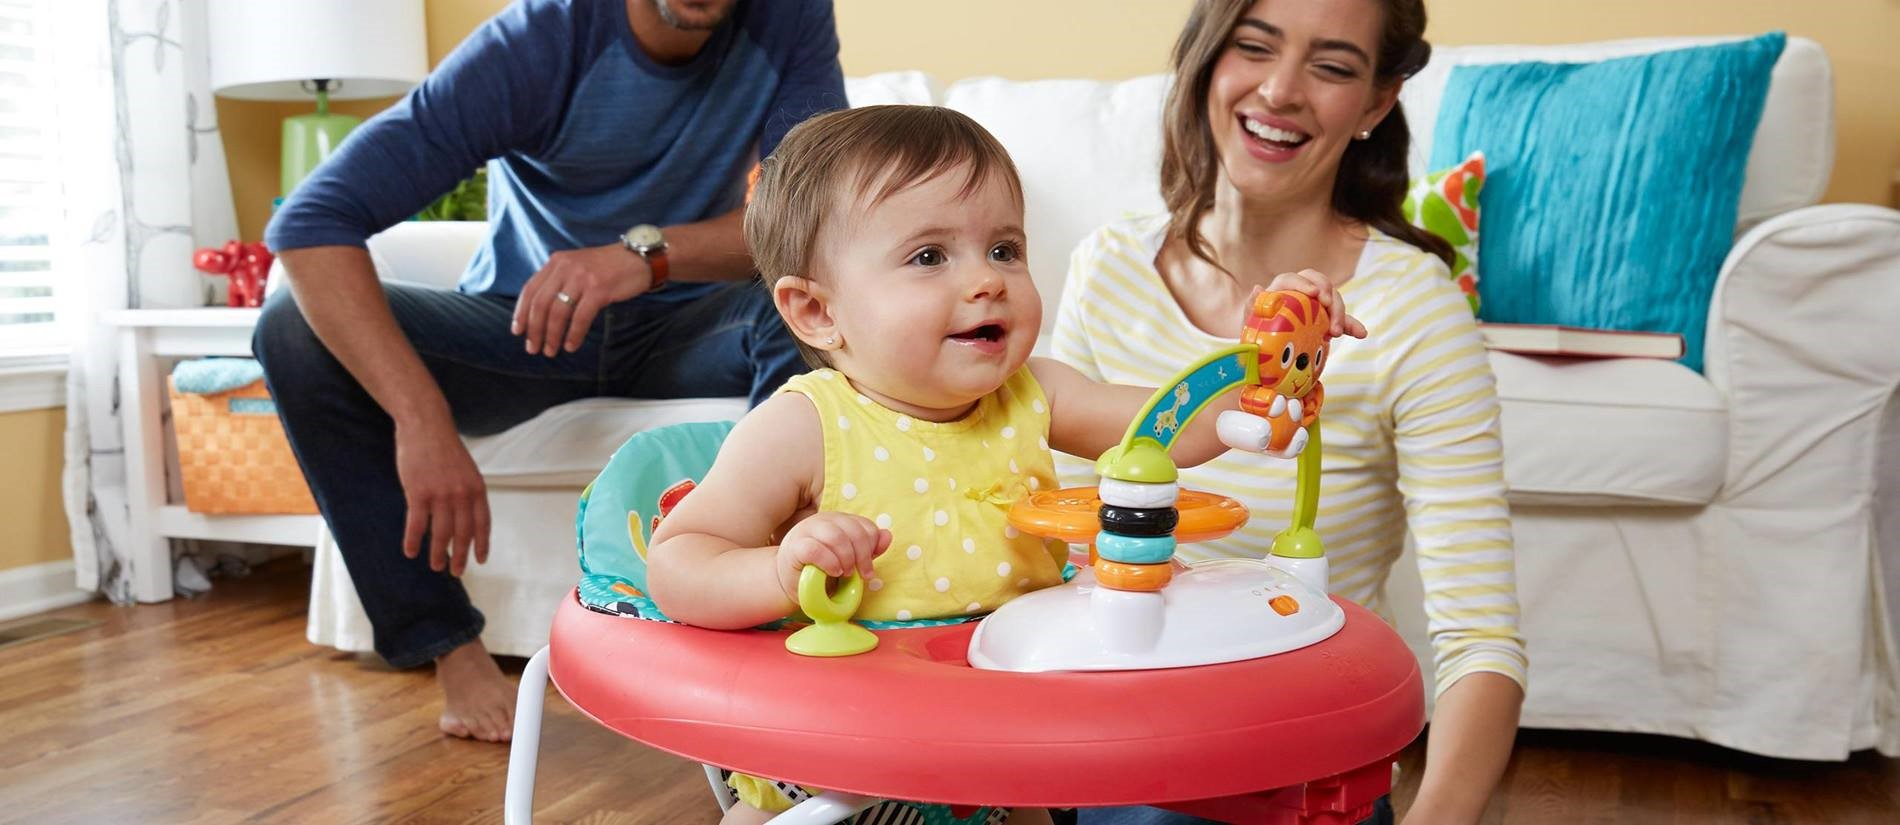 Menggunakan Baby Walker Aman atau Tidak, Ya?